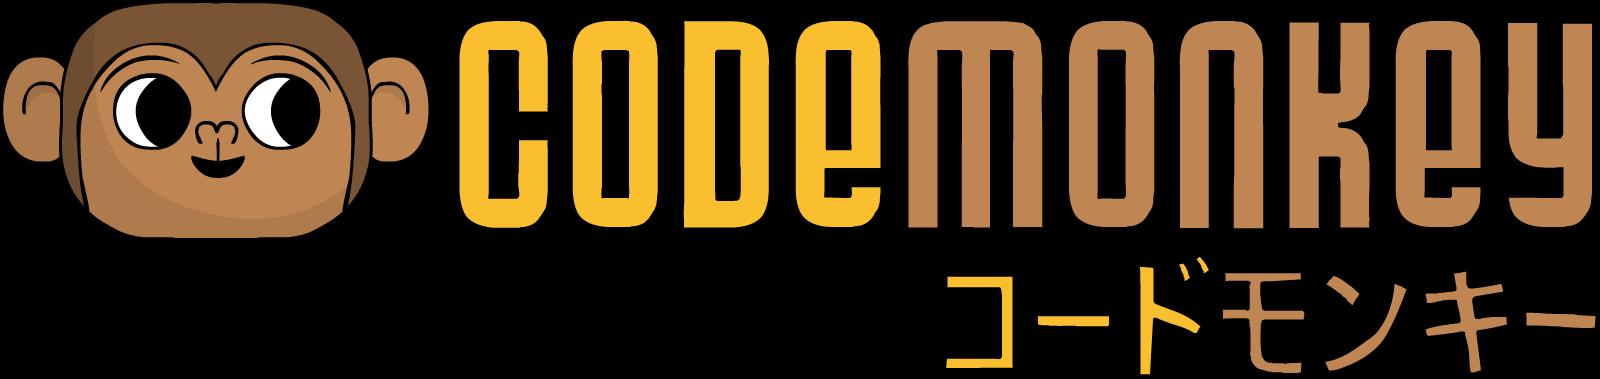 コードモンキー日本公式サイト